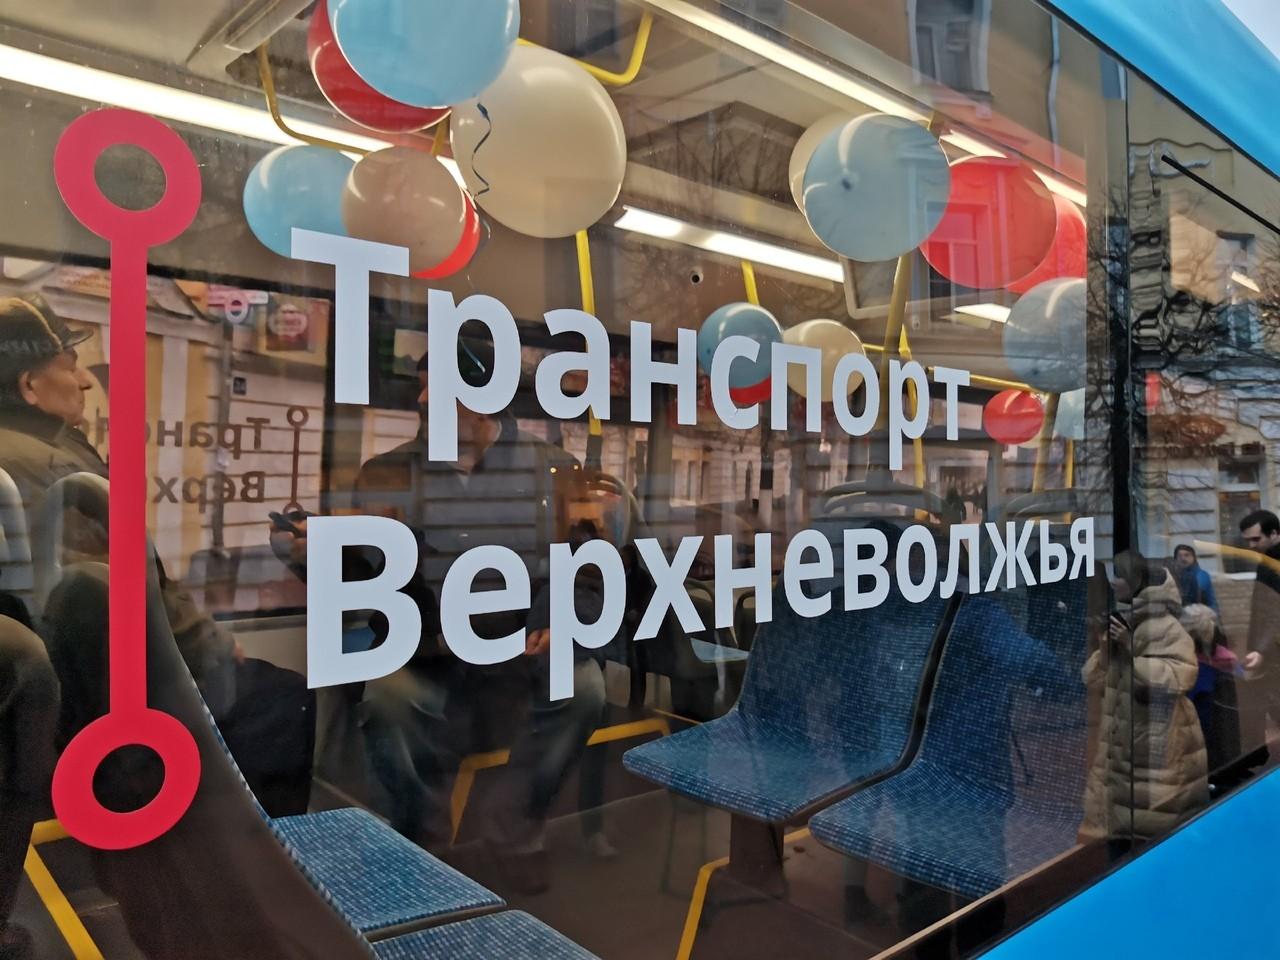 Игорь Руденя: социальная карта жителя Тверской области объединит лучший опыт подобных карт в России